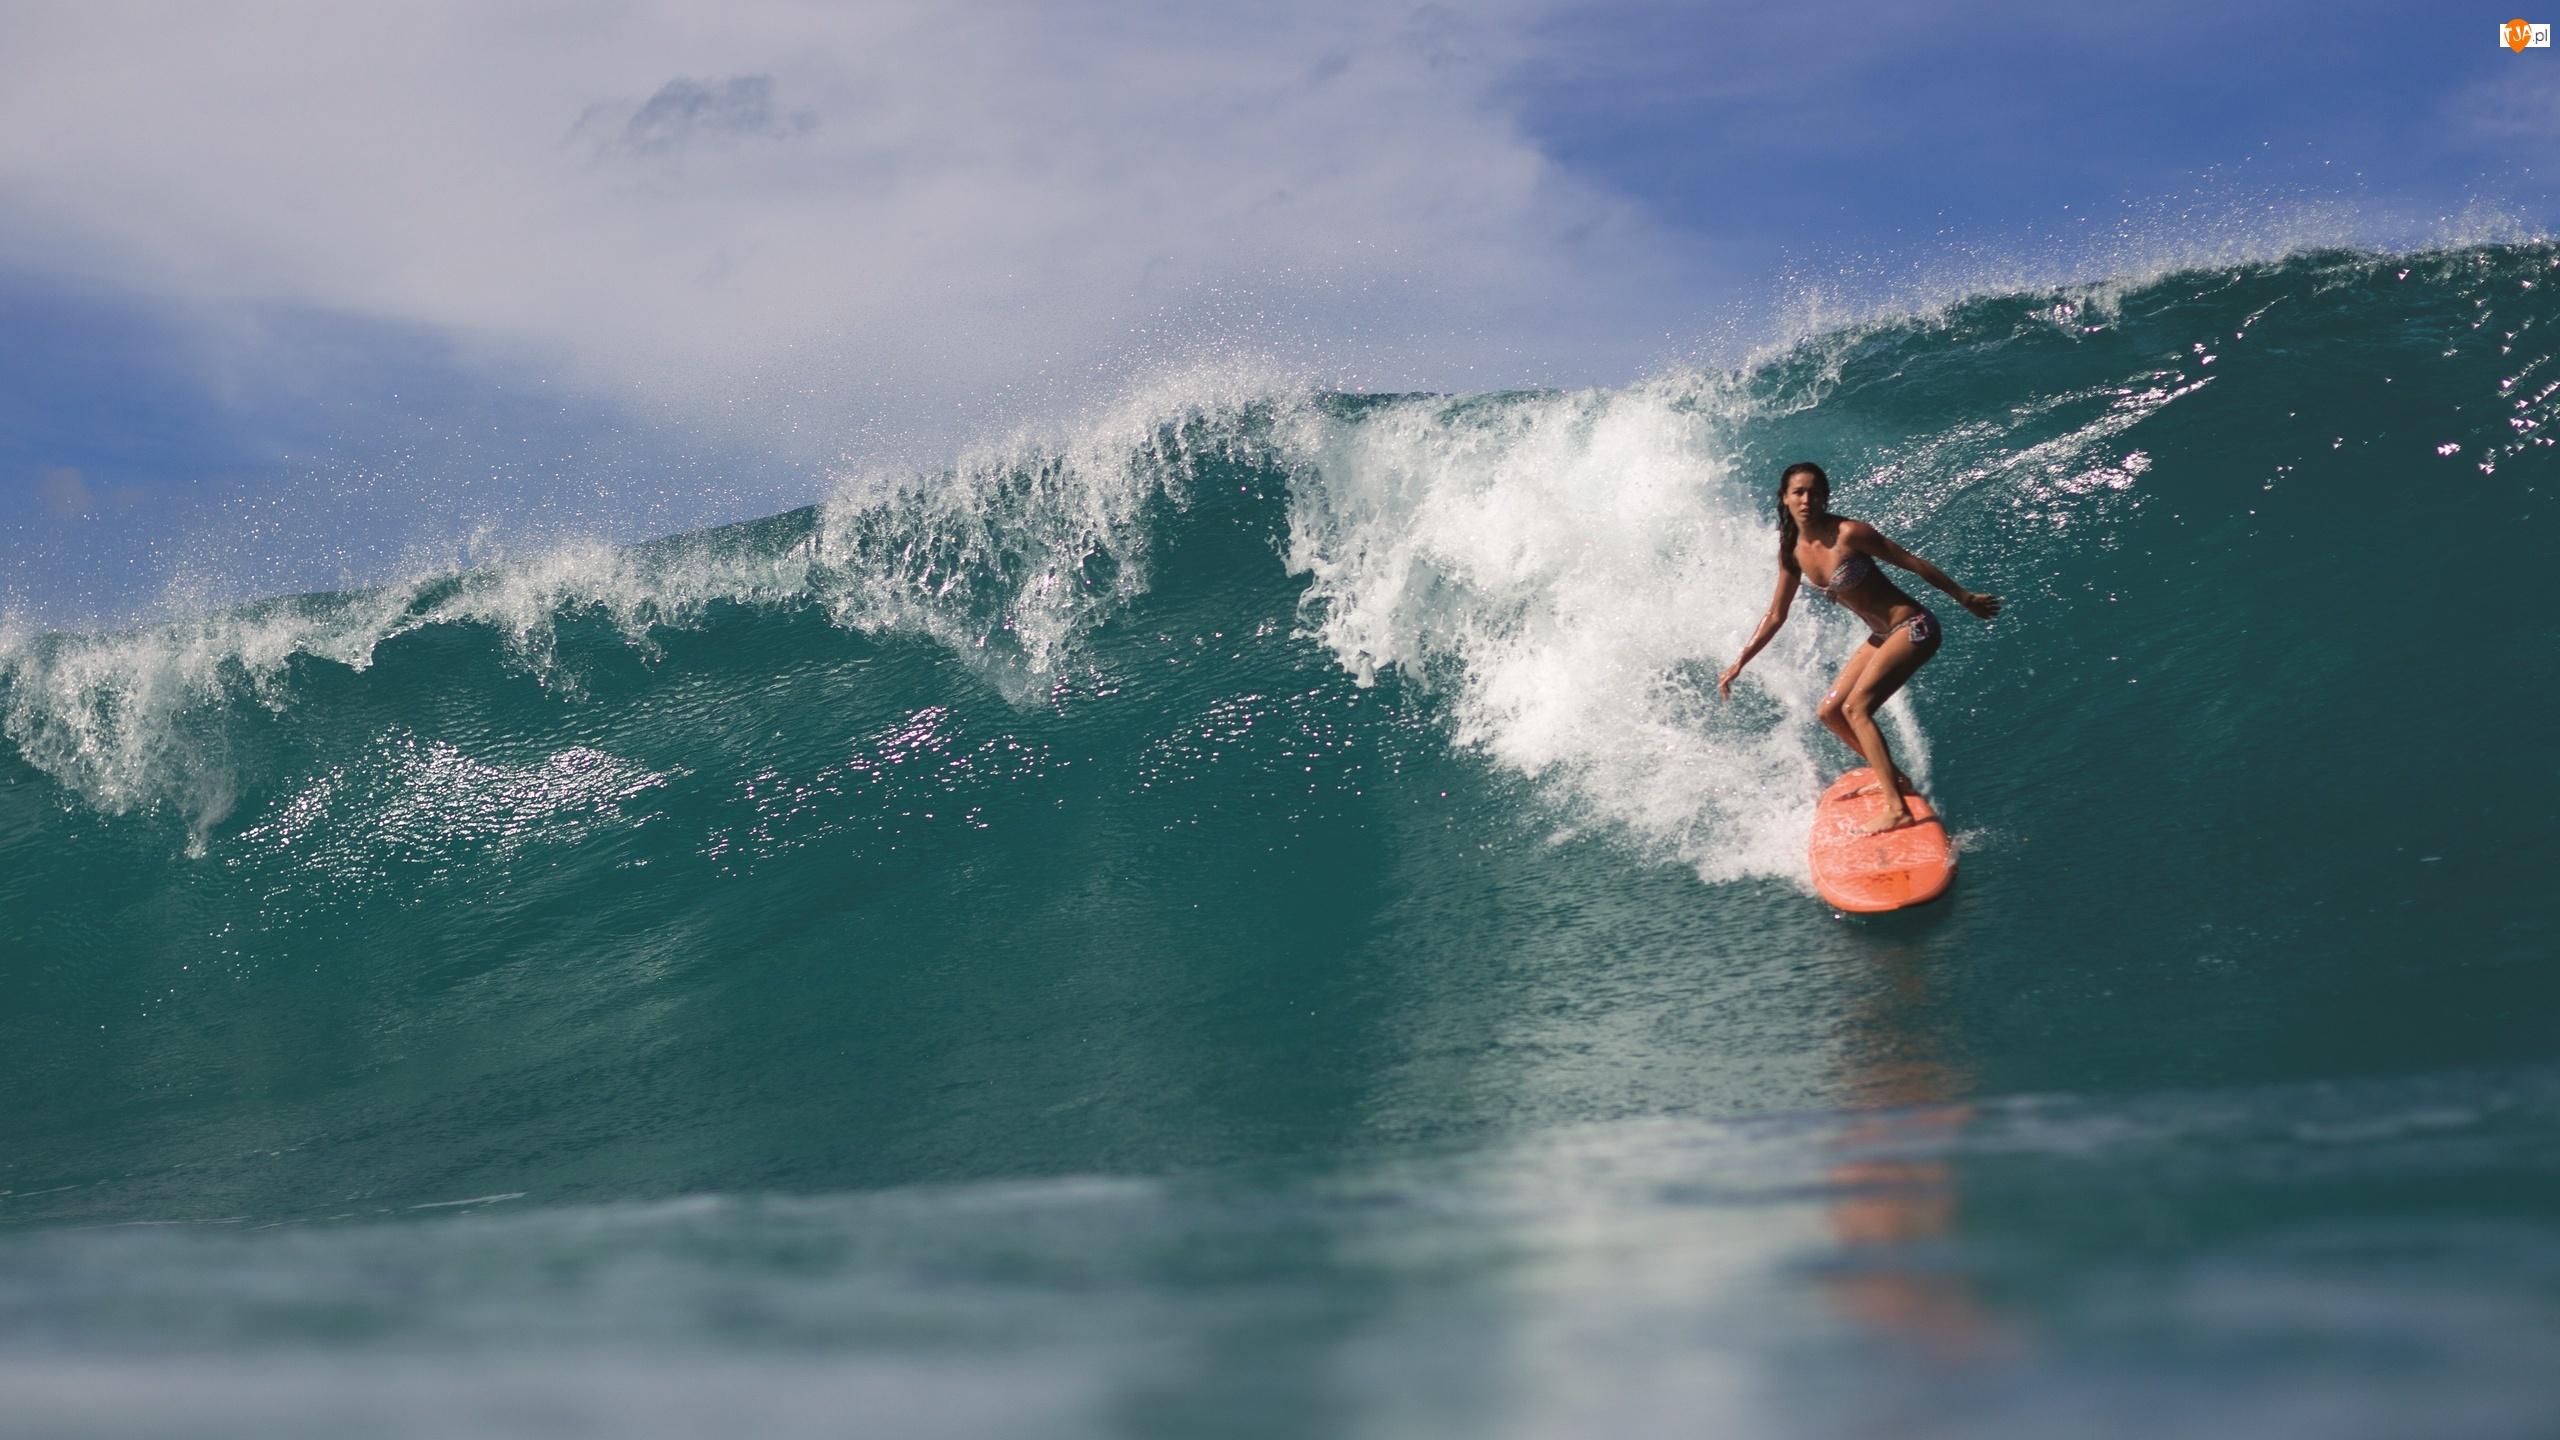 Morze, Windsurfing, Fala, Dziewczyna